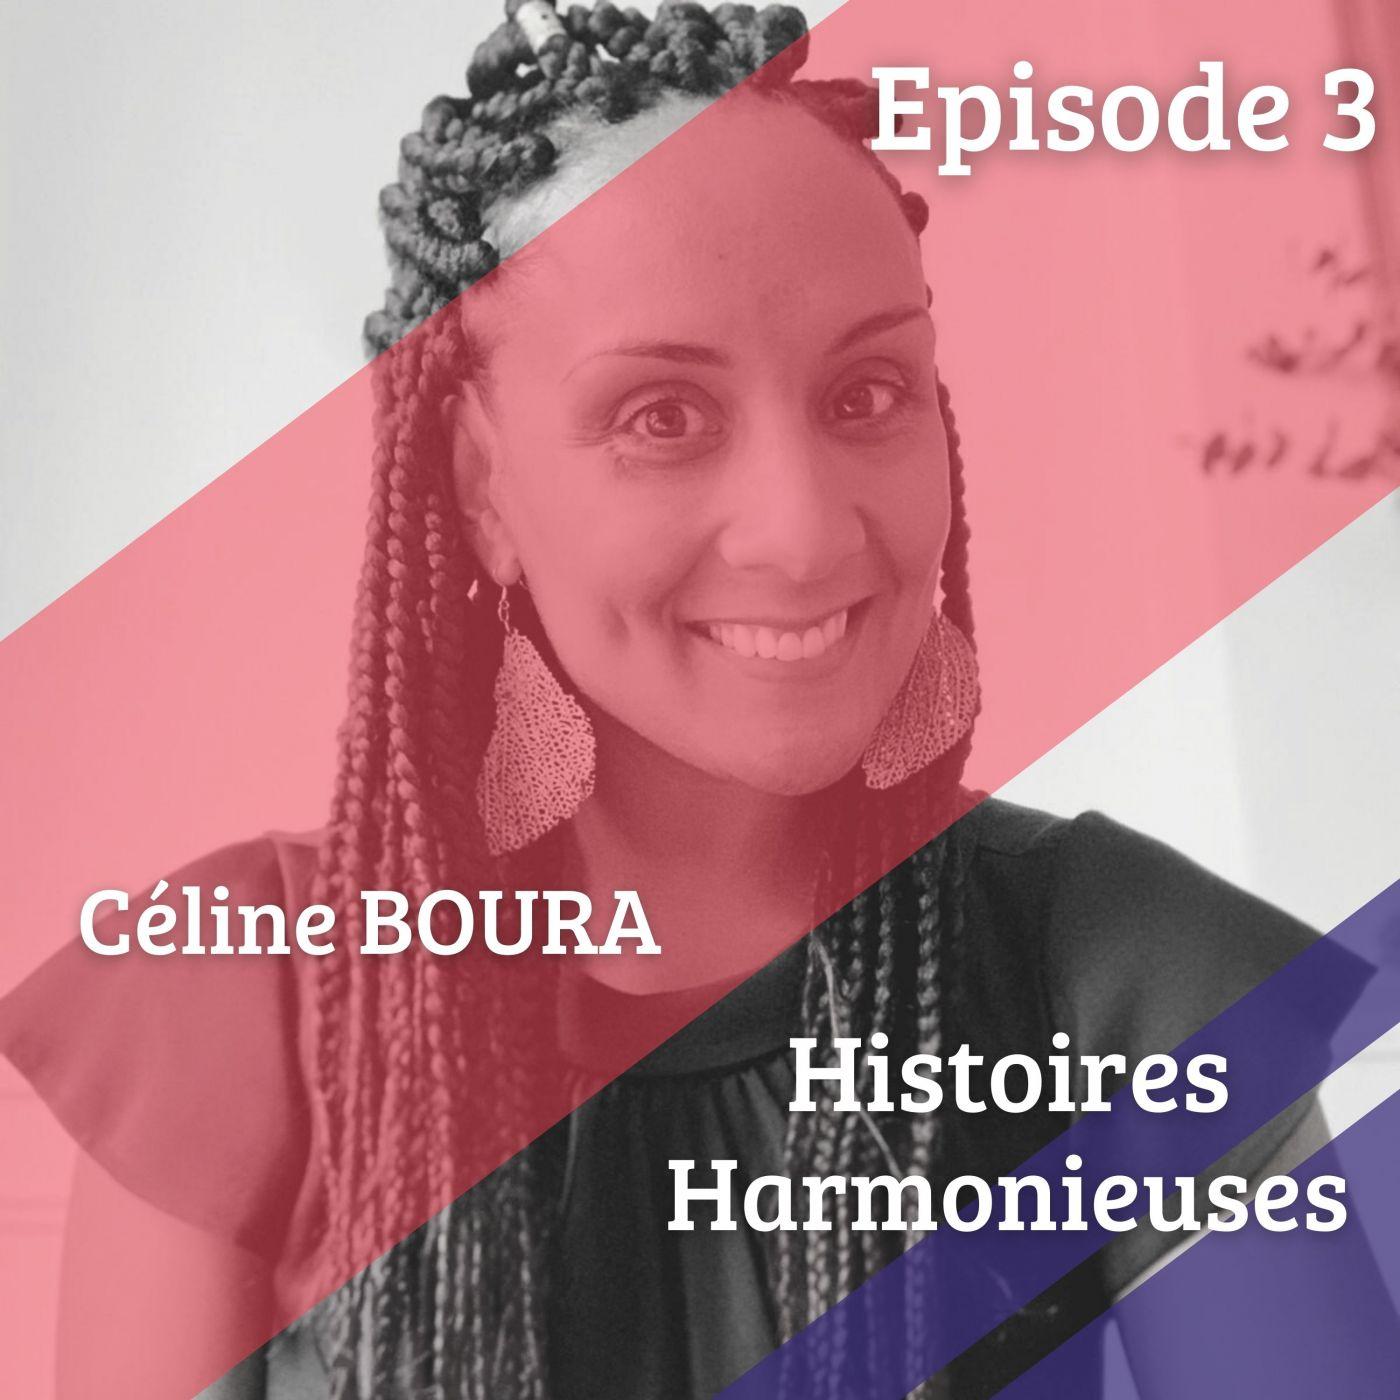 image de Céline Boura pour l'épisode 3 du podcast Histoires Harmonieuses